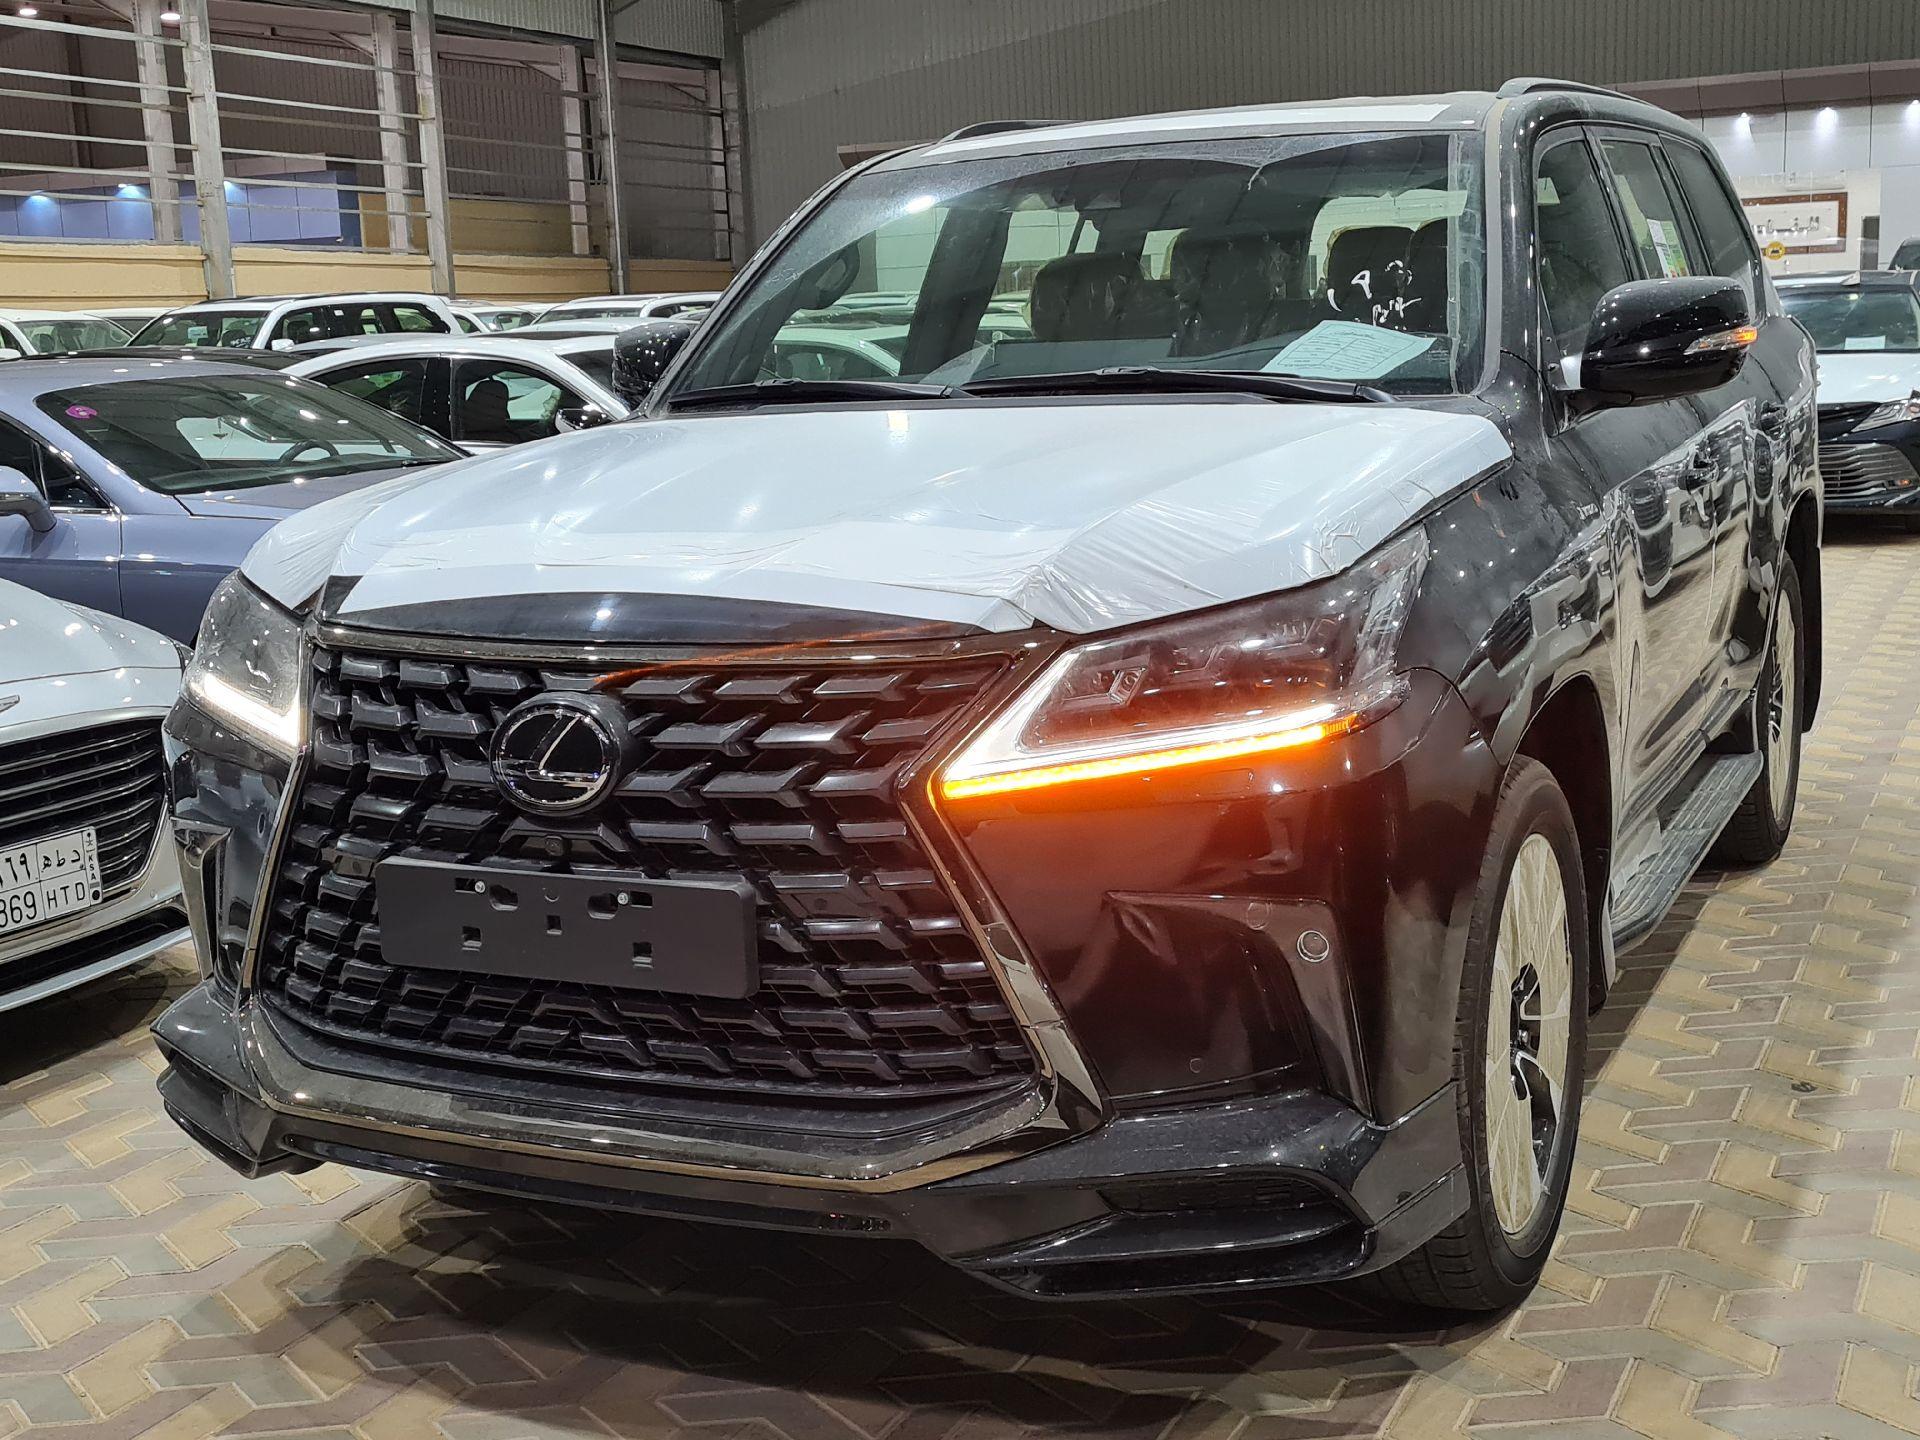 لكزس LX 570 Black Ed.فل 2021 دبل خليجي جديد للبيع في الرياض - السعودية - صورة كبيرة - 1